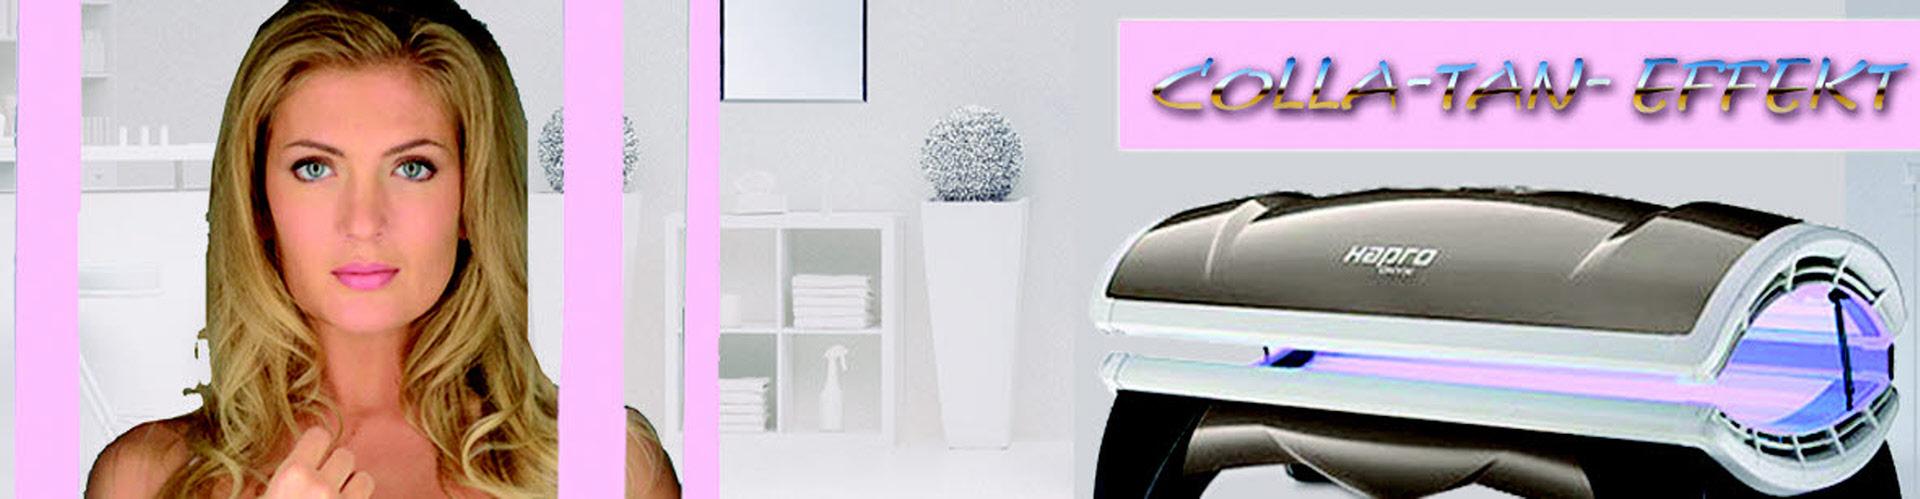 solarium sonnenbank heimsolarien solariumr hren f r zuhause von hapro onyx topaz luxura. Black Bedroom Furniture Sets. Home Design Ideas